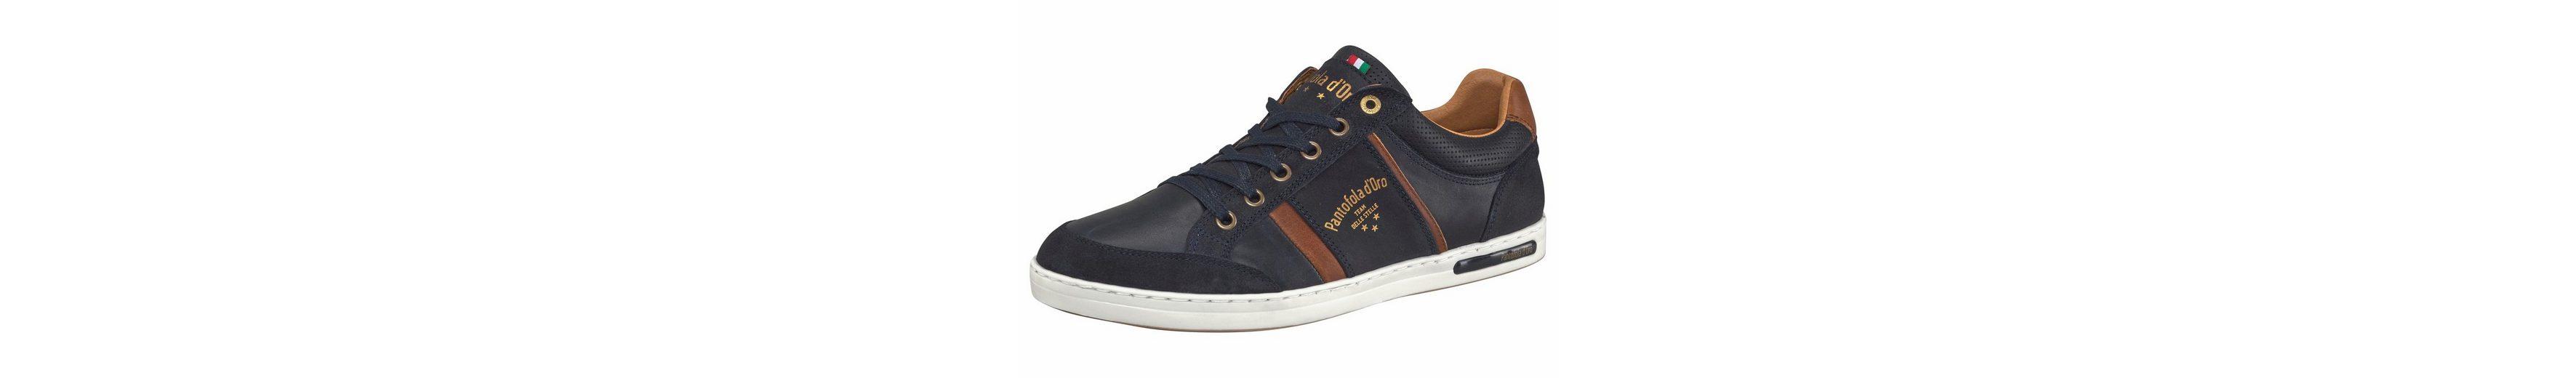 Pantofola d´Oro Mondovi Uomo Low Sneaker Heißen Verkauf Online-Verkauf Auf Dem Laufenden Billig Günstig Online Nj3ufPeJ6